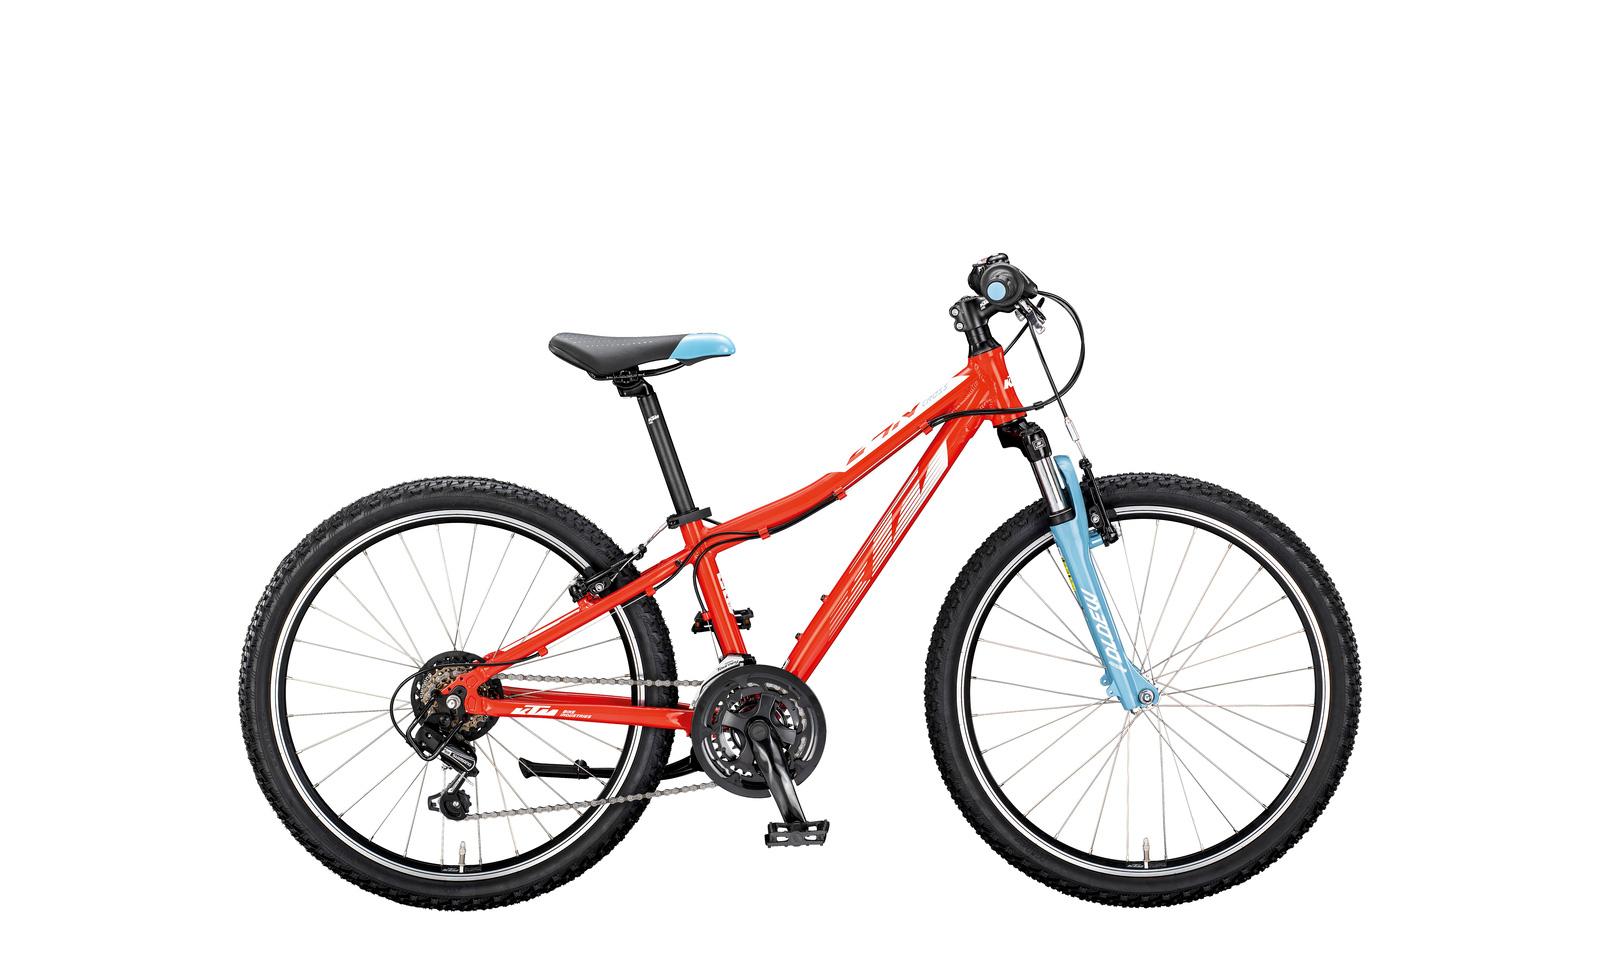 Biciclete KTM Kids WILD CROSS 24.18 3x6 Shimano TY21